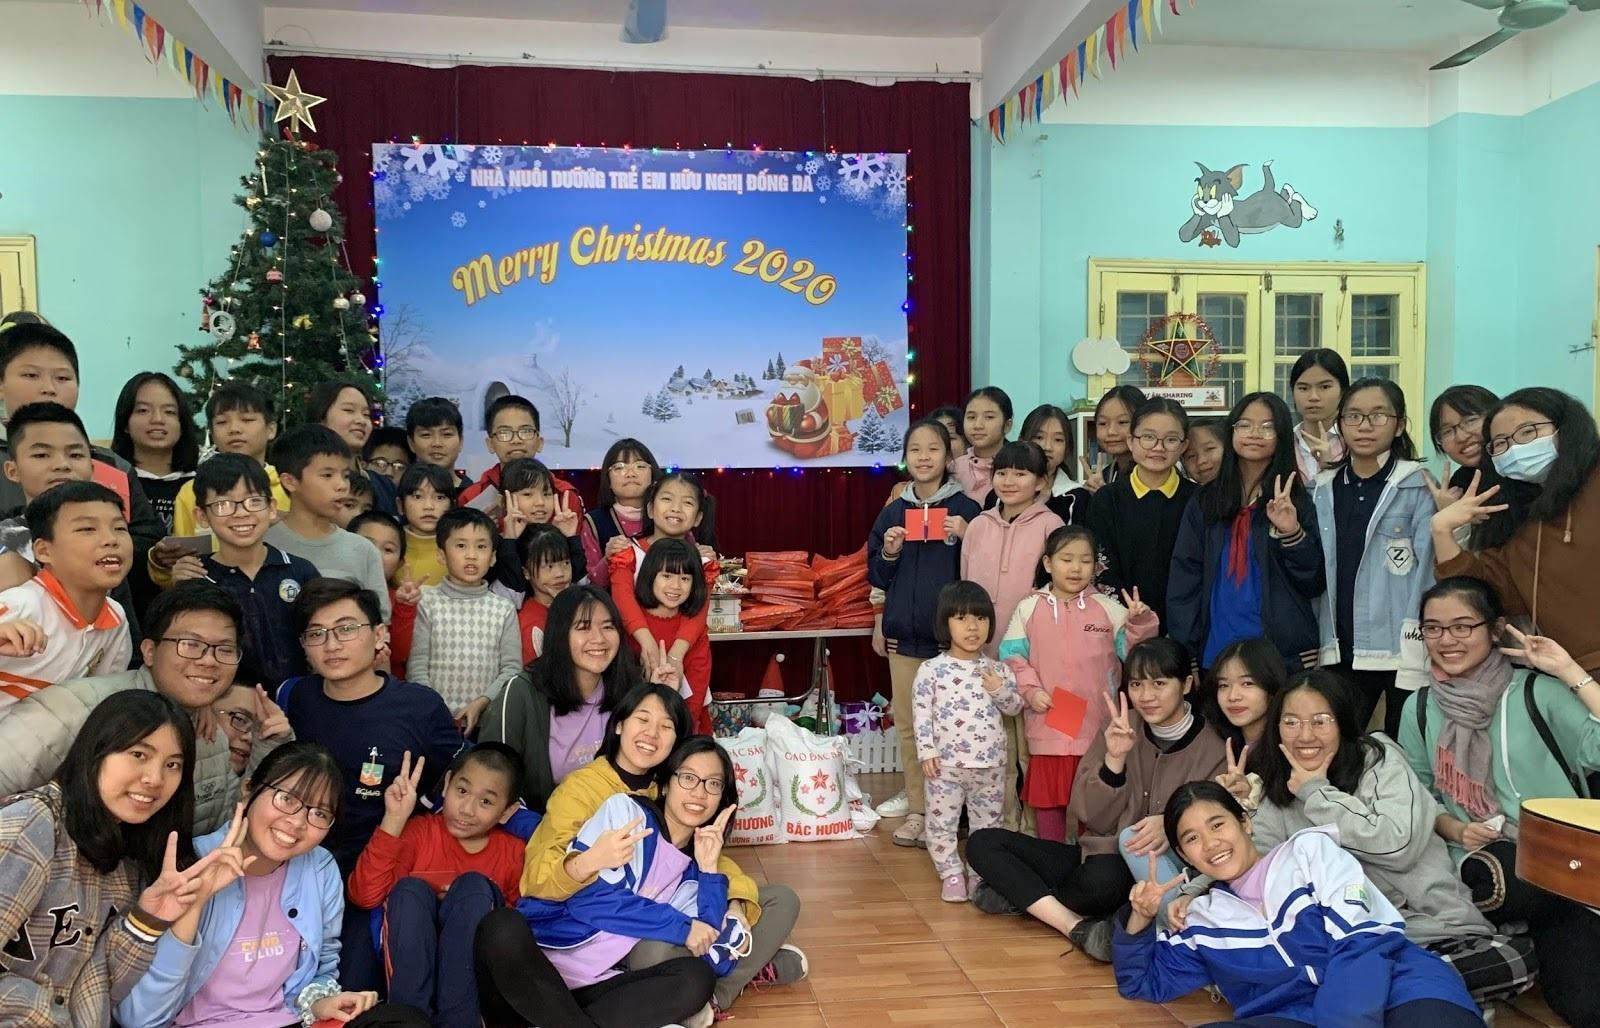 Sôi động Hội chợ Giáng sinh của trường THPT Chuyên Sư Phạm Ảnh 6